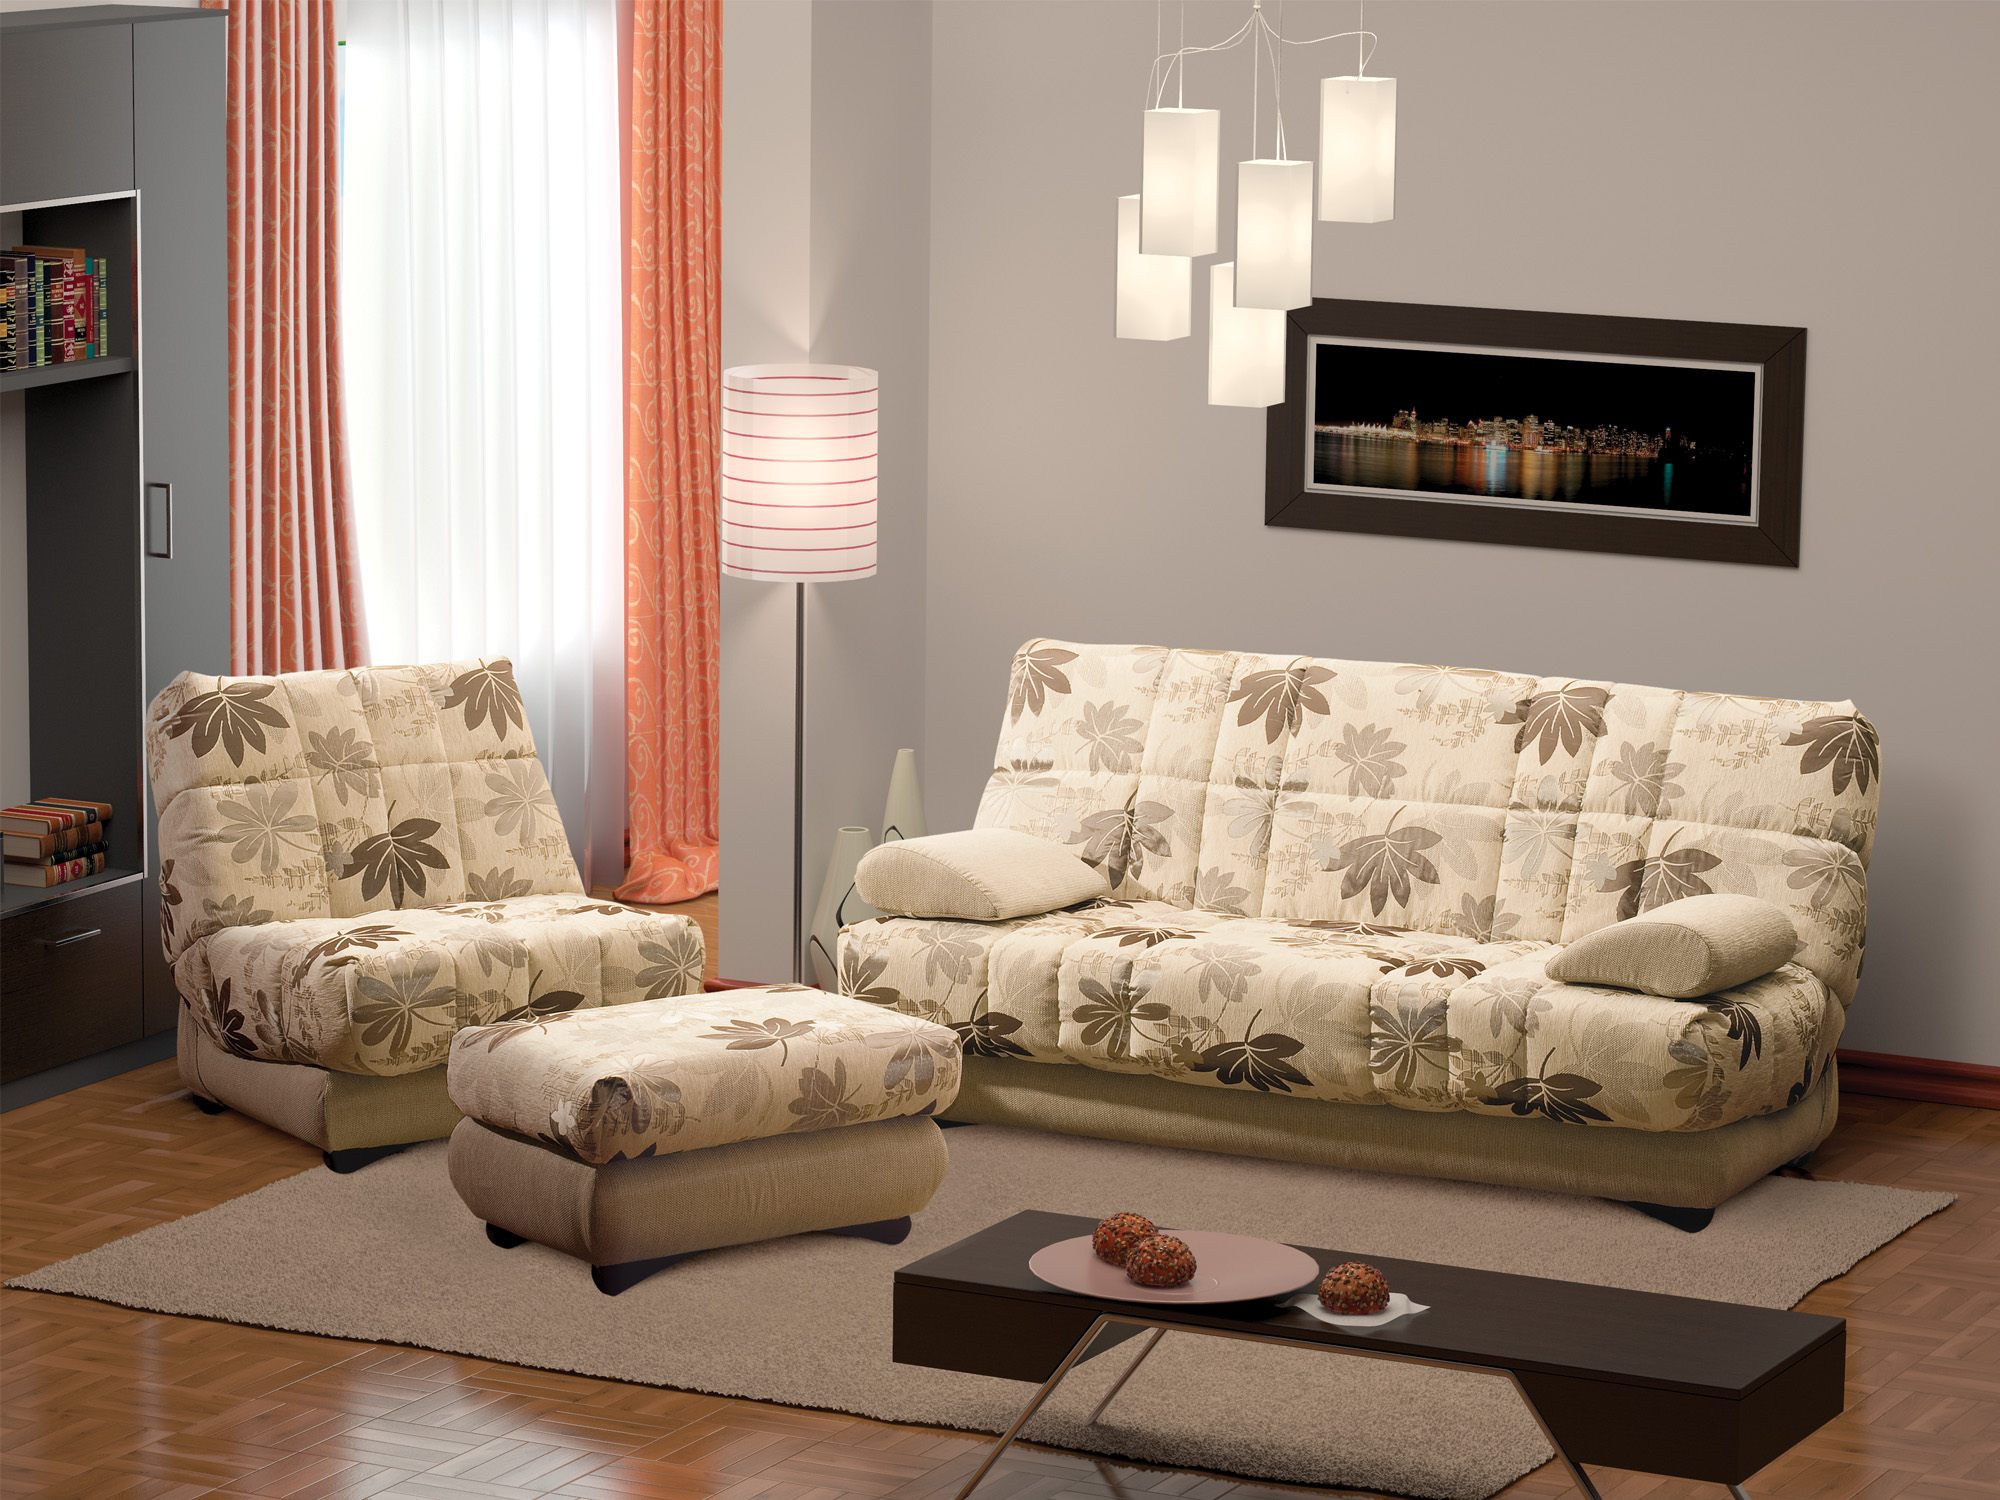 yöpeili sohva